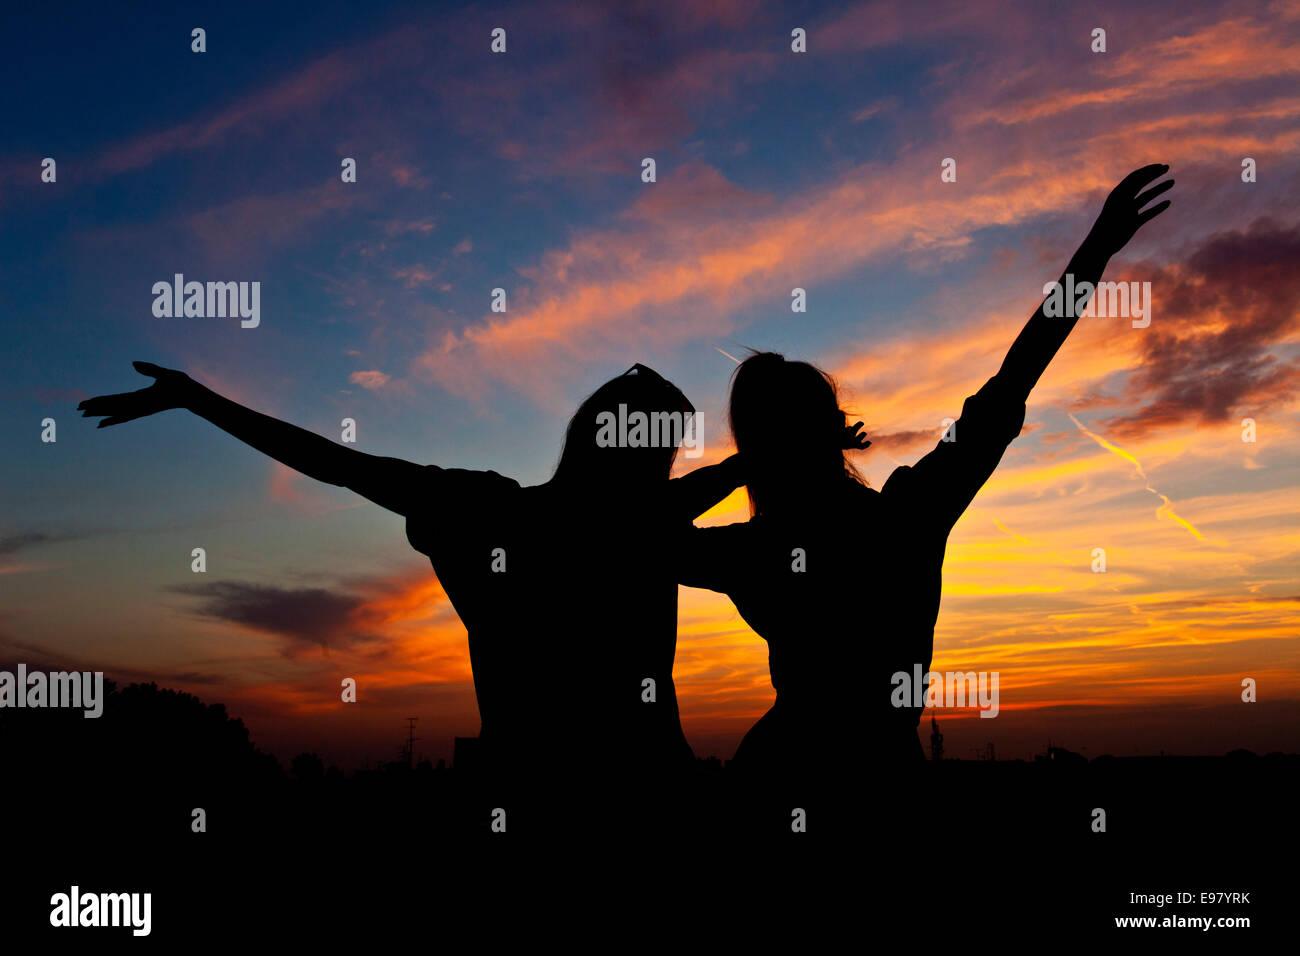 Le giovani donne a braccia alzate con balli al tramonto Immagini Stock